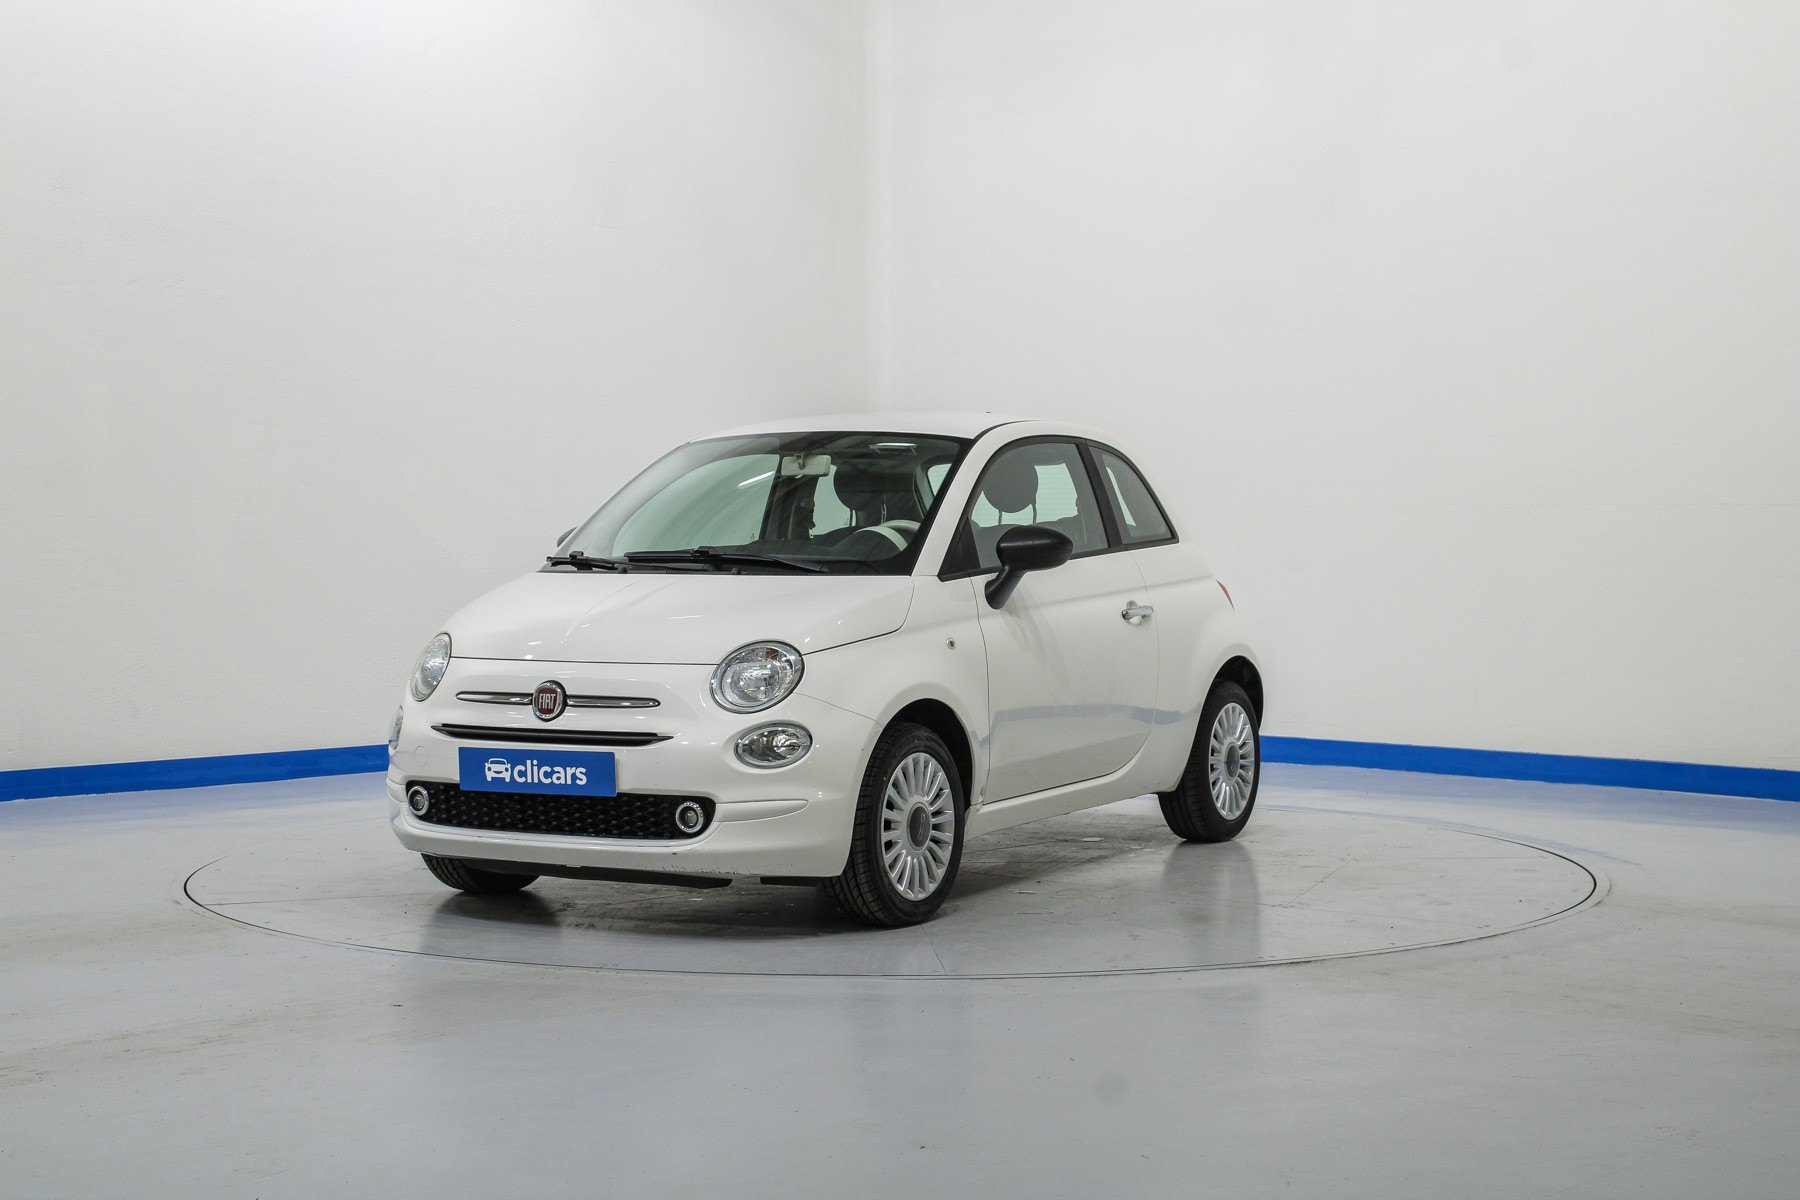 Fiat 500 Gasolina 1.2 8v 51kW (69CV) Pop 1